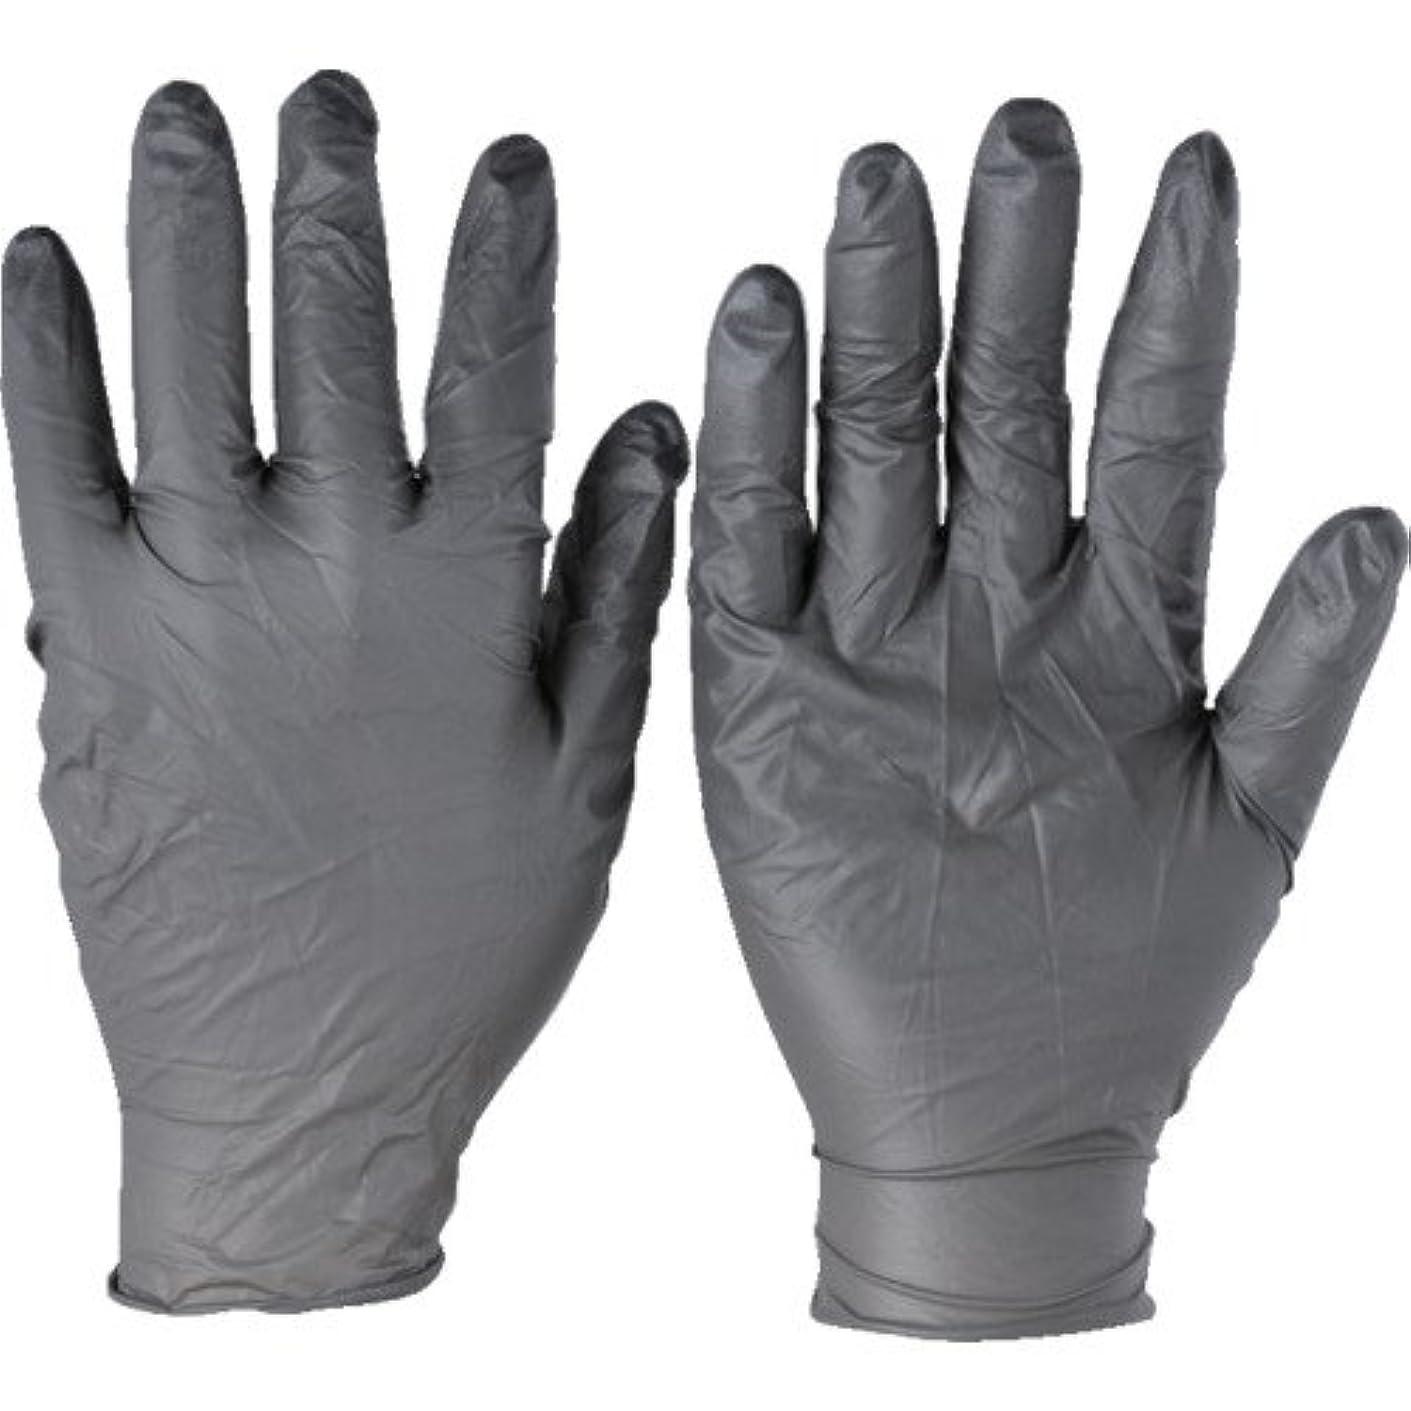 ドル困った医薬品トラスコ中山 アンセル ニトリルゴム使い捨て手袋 タッチエヌタフ 粉無 XLサイズ100枚入 9325010